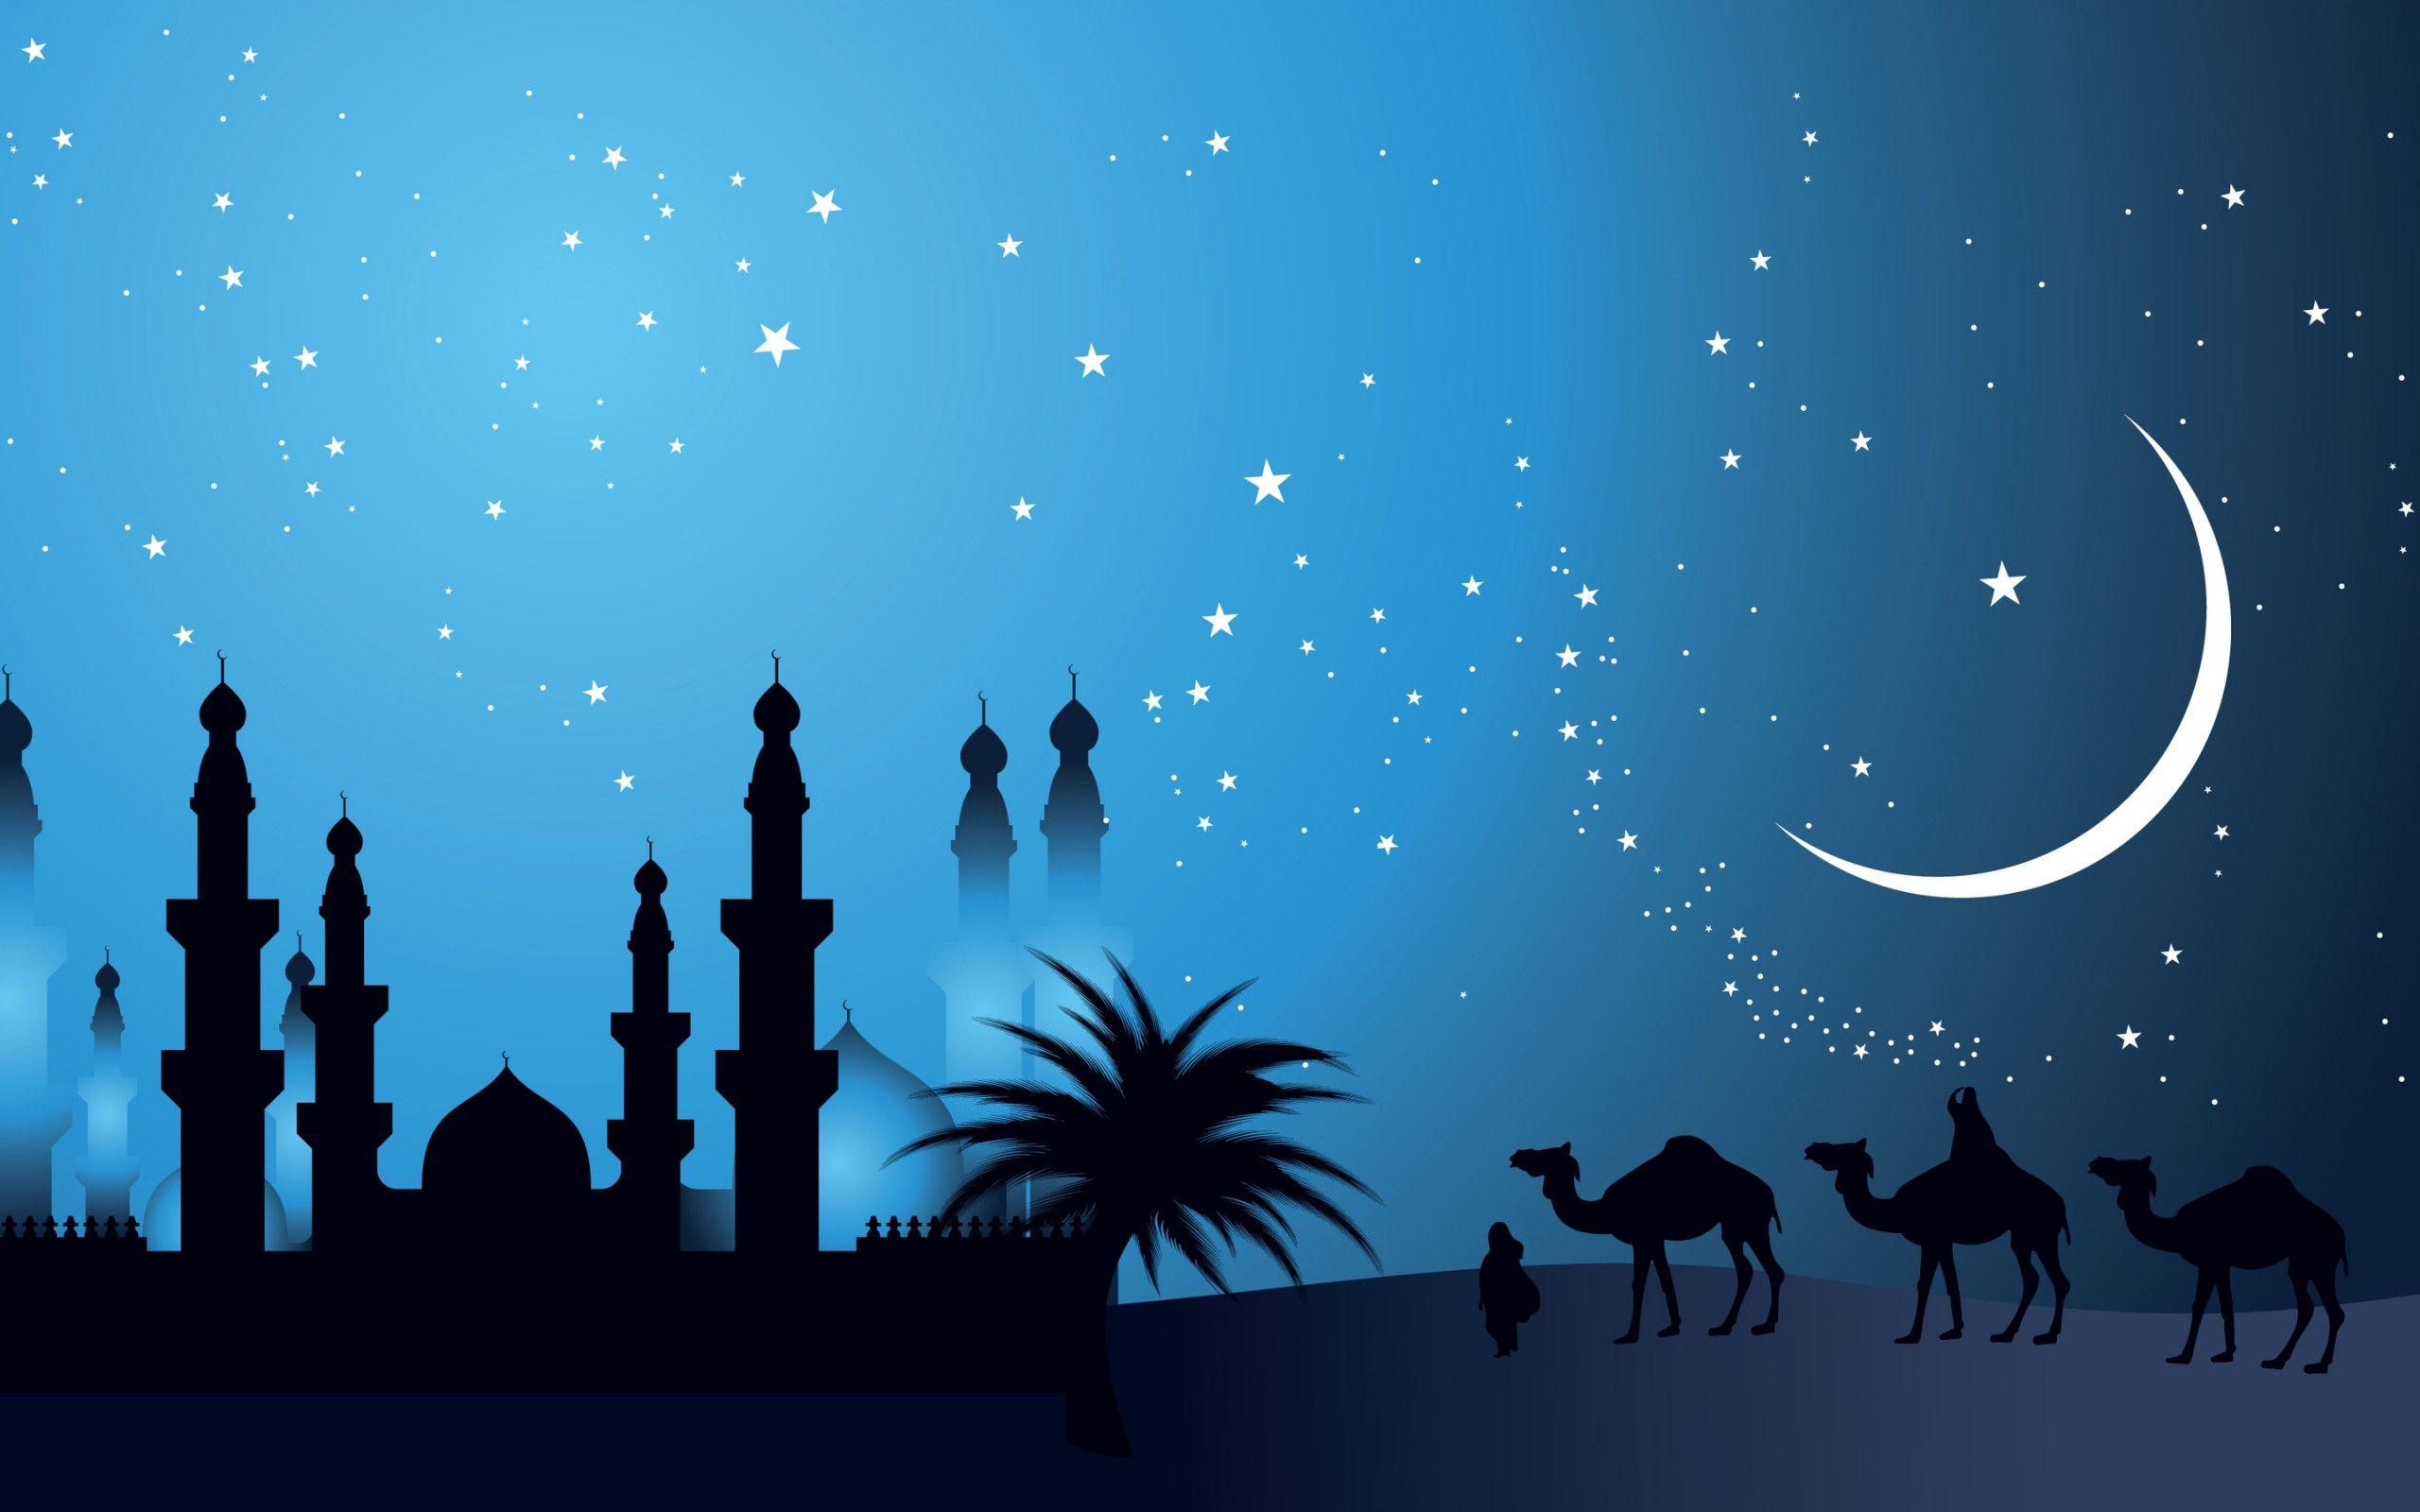 Islamic Wallpaper Latar Belakang Spanduk Mesjid